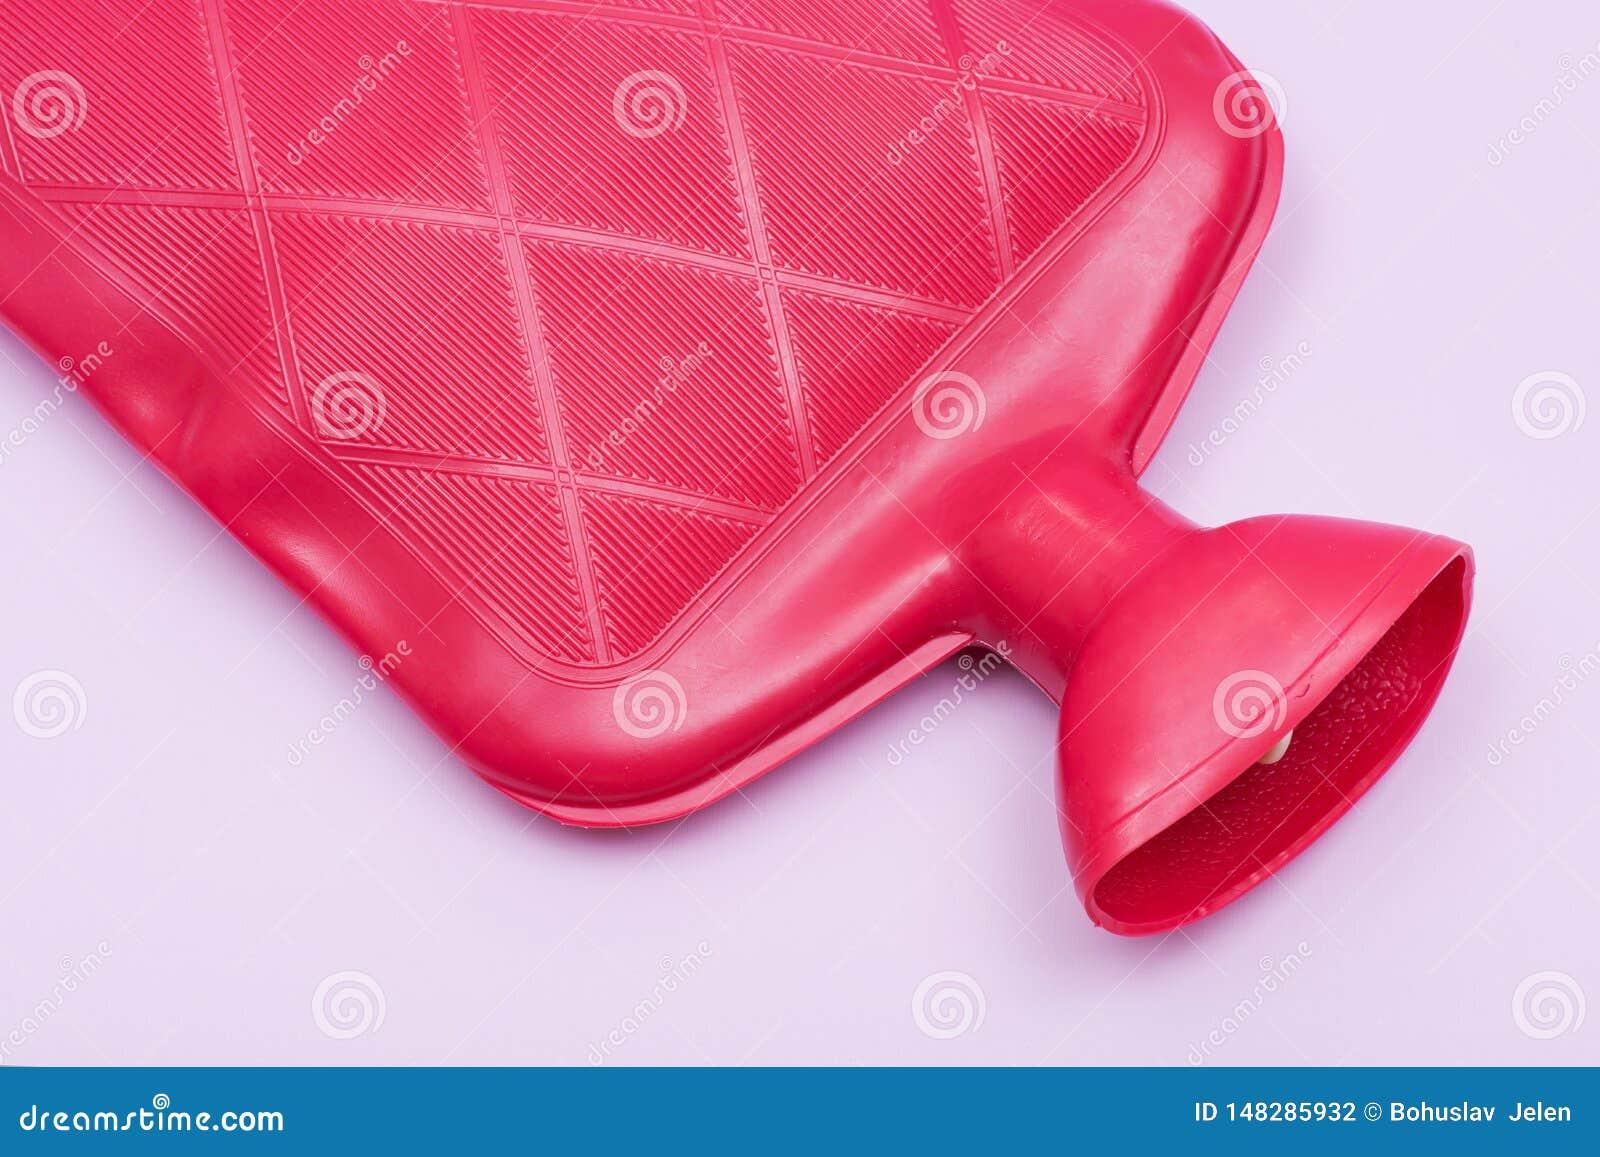 Opnieuw te gebruiken Rubber Klassieke, Grote ½ de Gallon Rode Zak van de Warm waterfles voor Hete of Koude Therapie Remedie voo